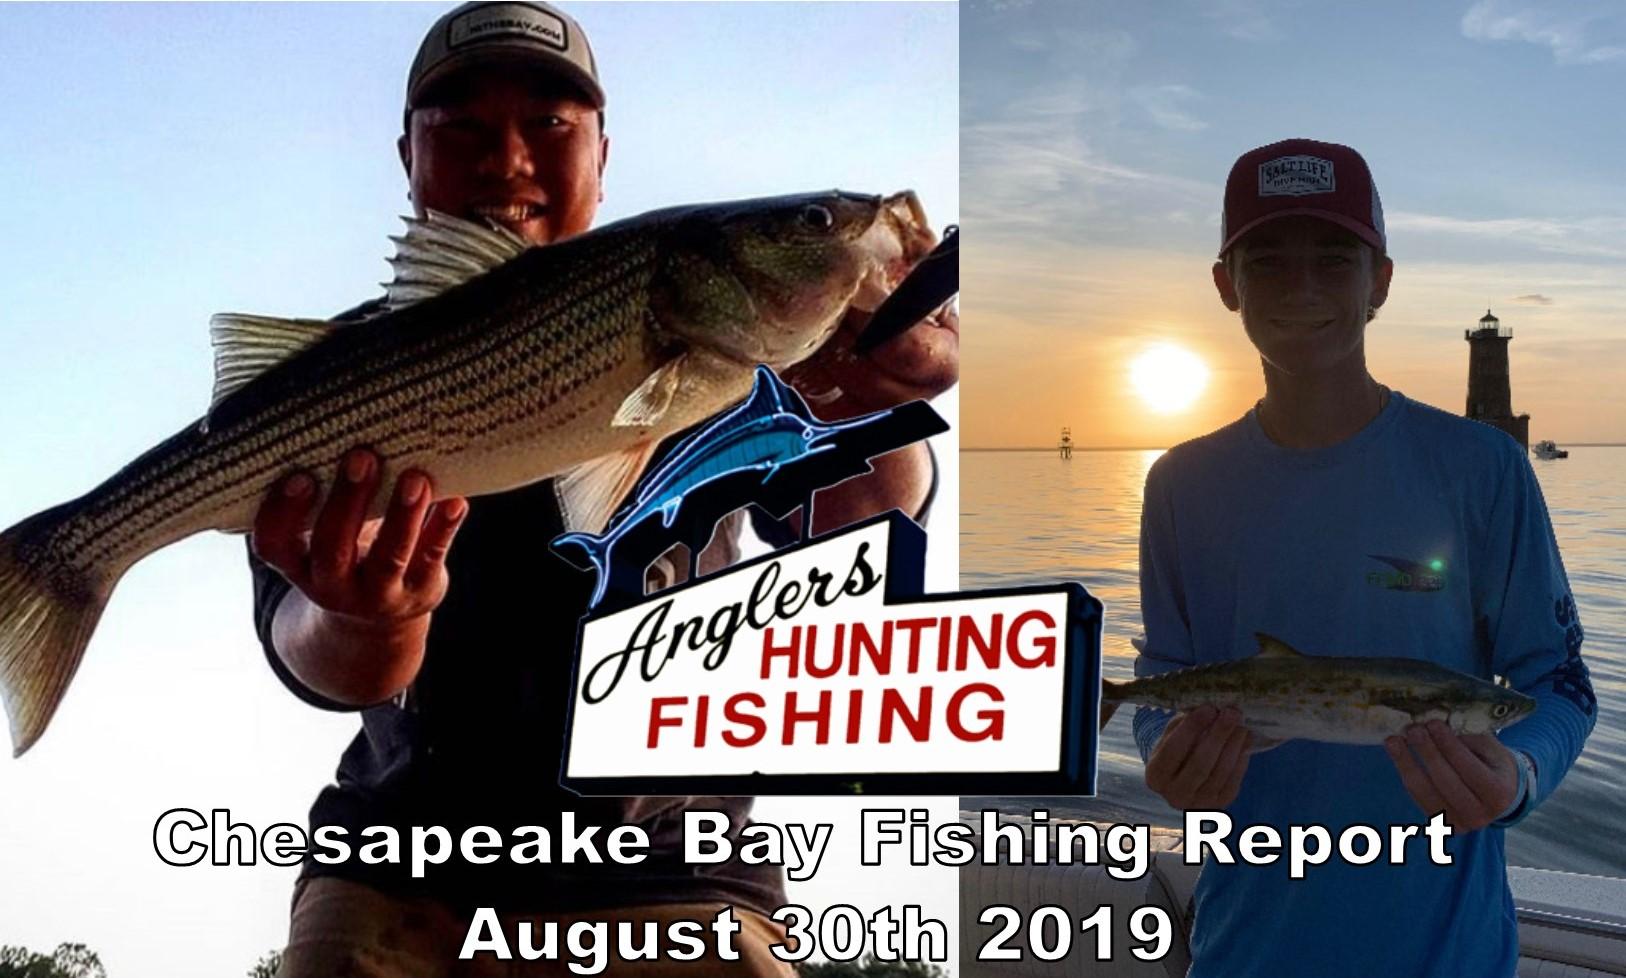 Chesapeake Bay Fishing Report-August 30th 2019